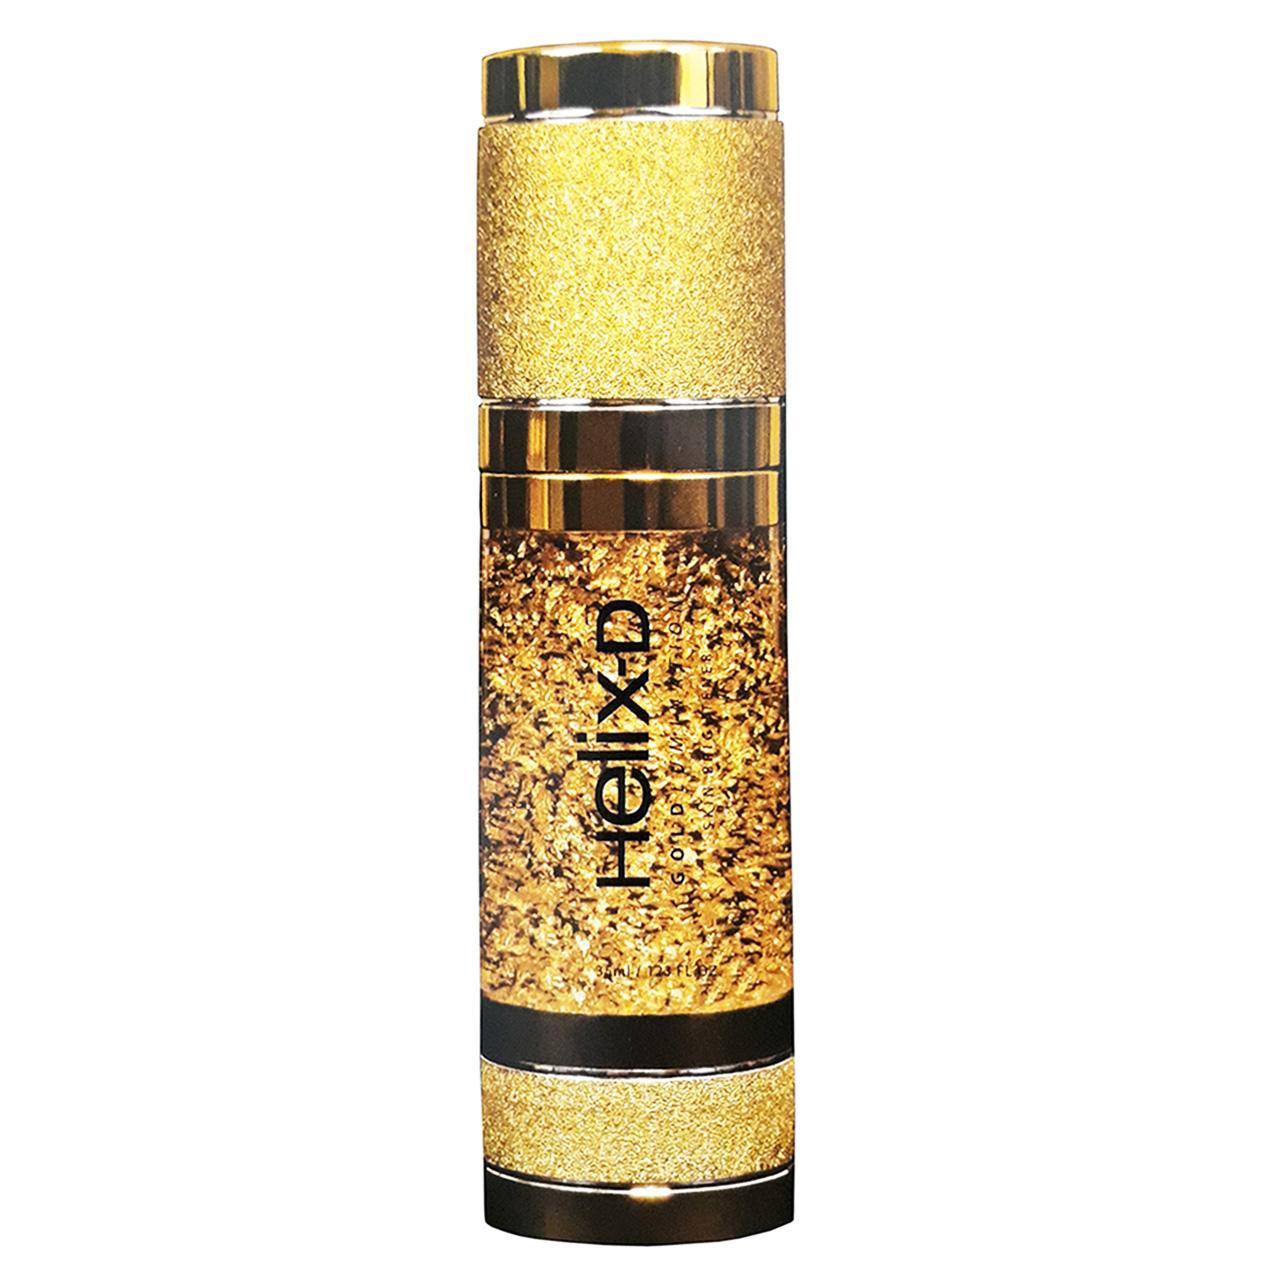 سرم روشن کننده طلای 24 عیار میکرونایز شده هلیکس دی مدل Skin Brightener حجم 35 میلی لیتر